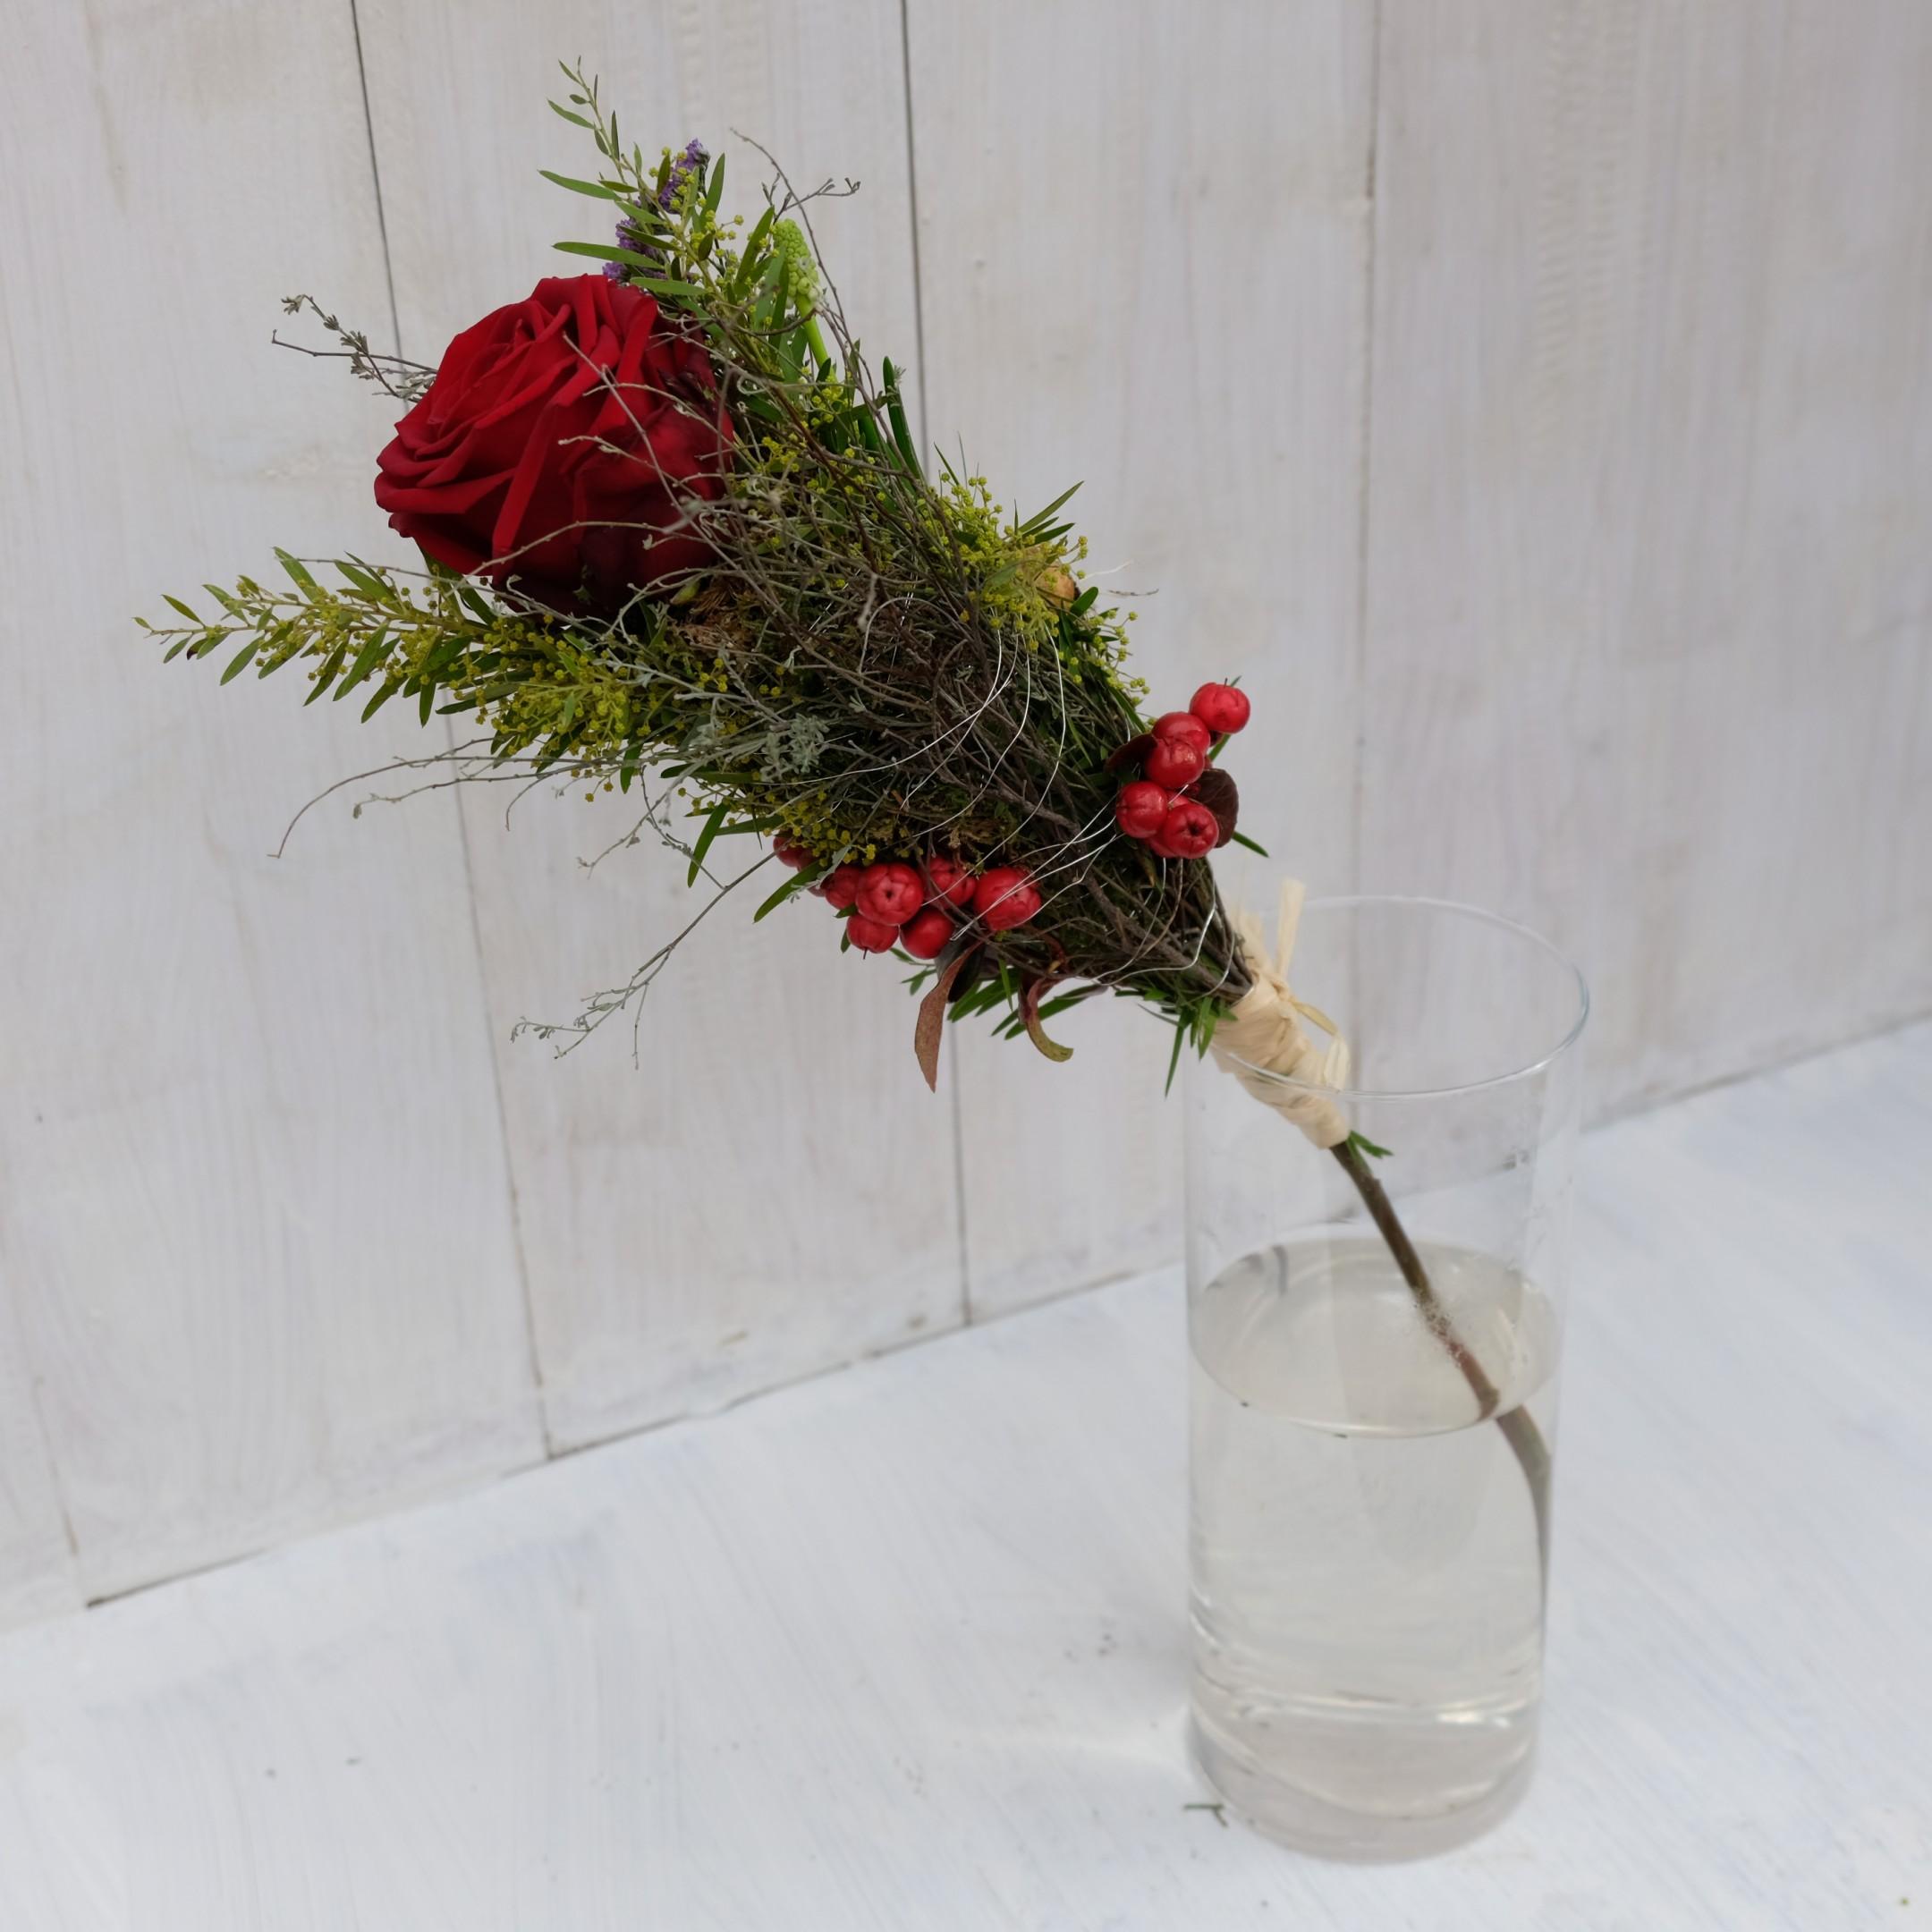 Rose liebevoll verpackt Bild 2